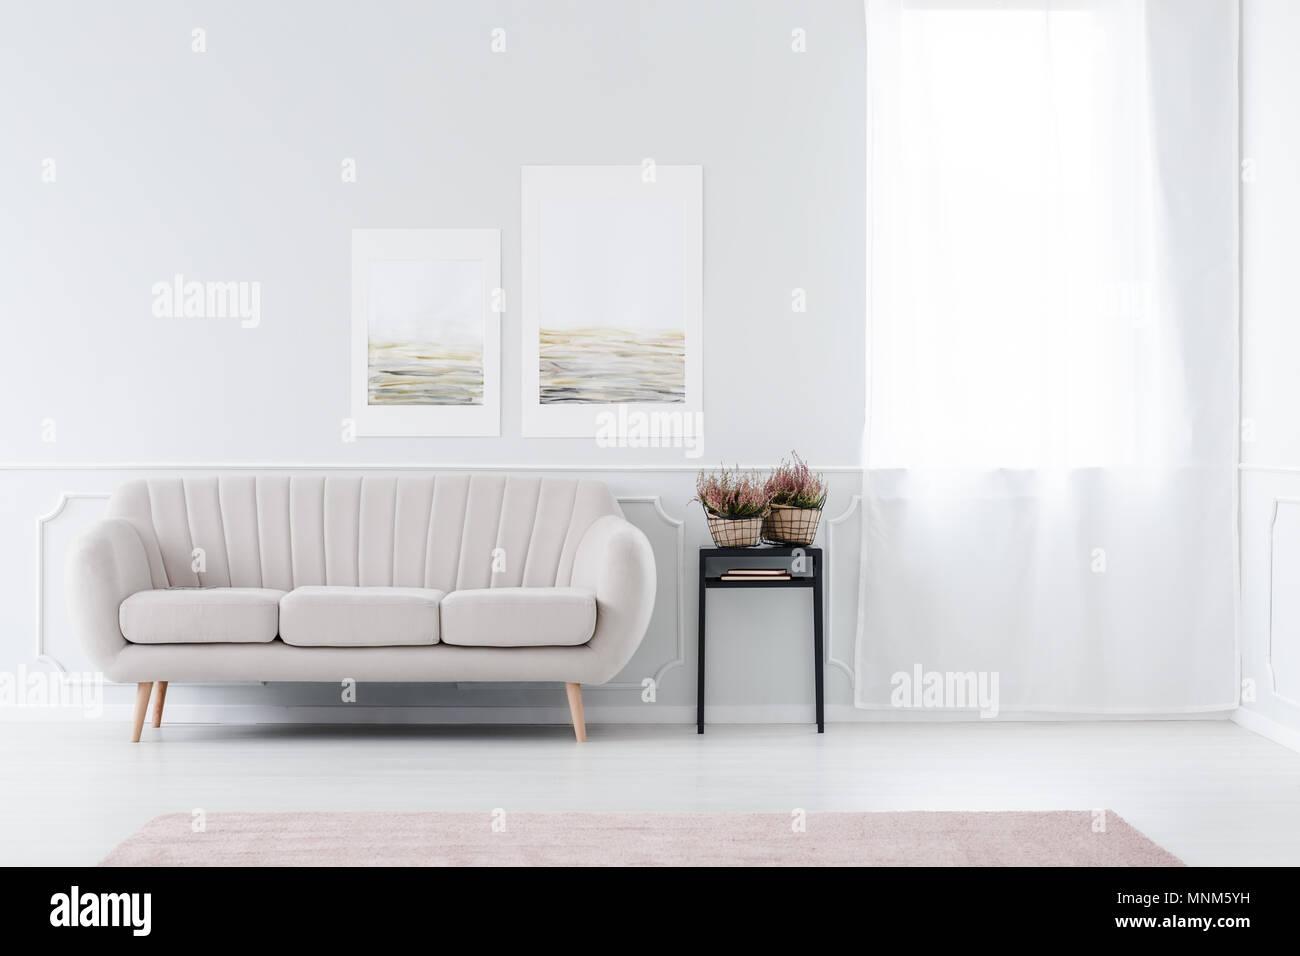 Helle, Minimalistische Wohnzimmer Interieur Mit Beige Sofa Stand In Der  Nähe Der Fenster Und Schwarz Hocker